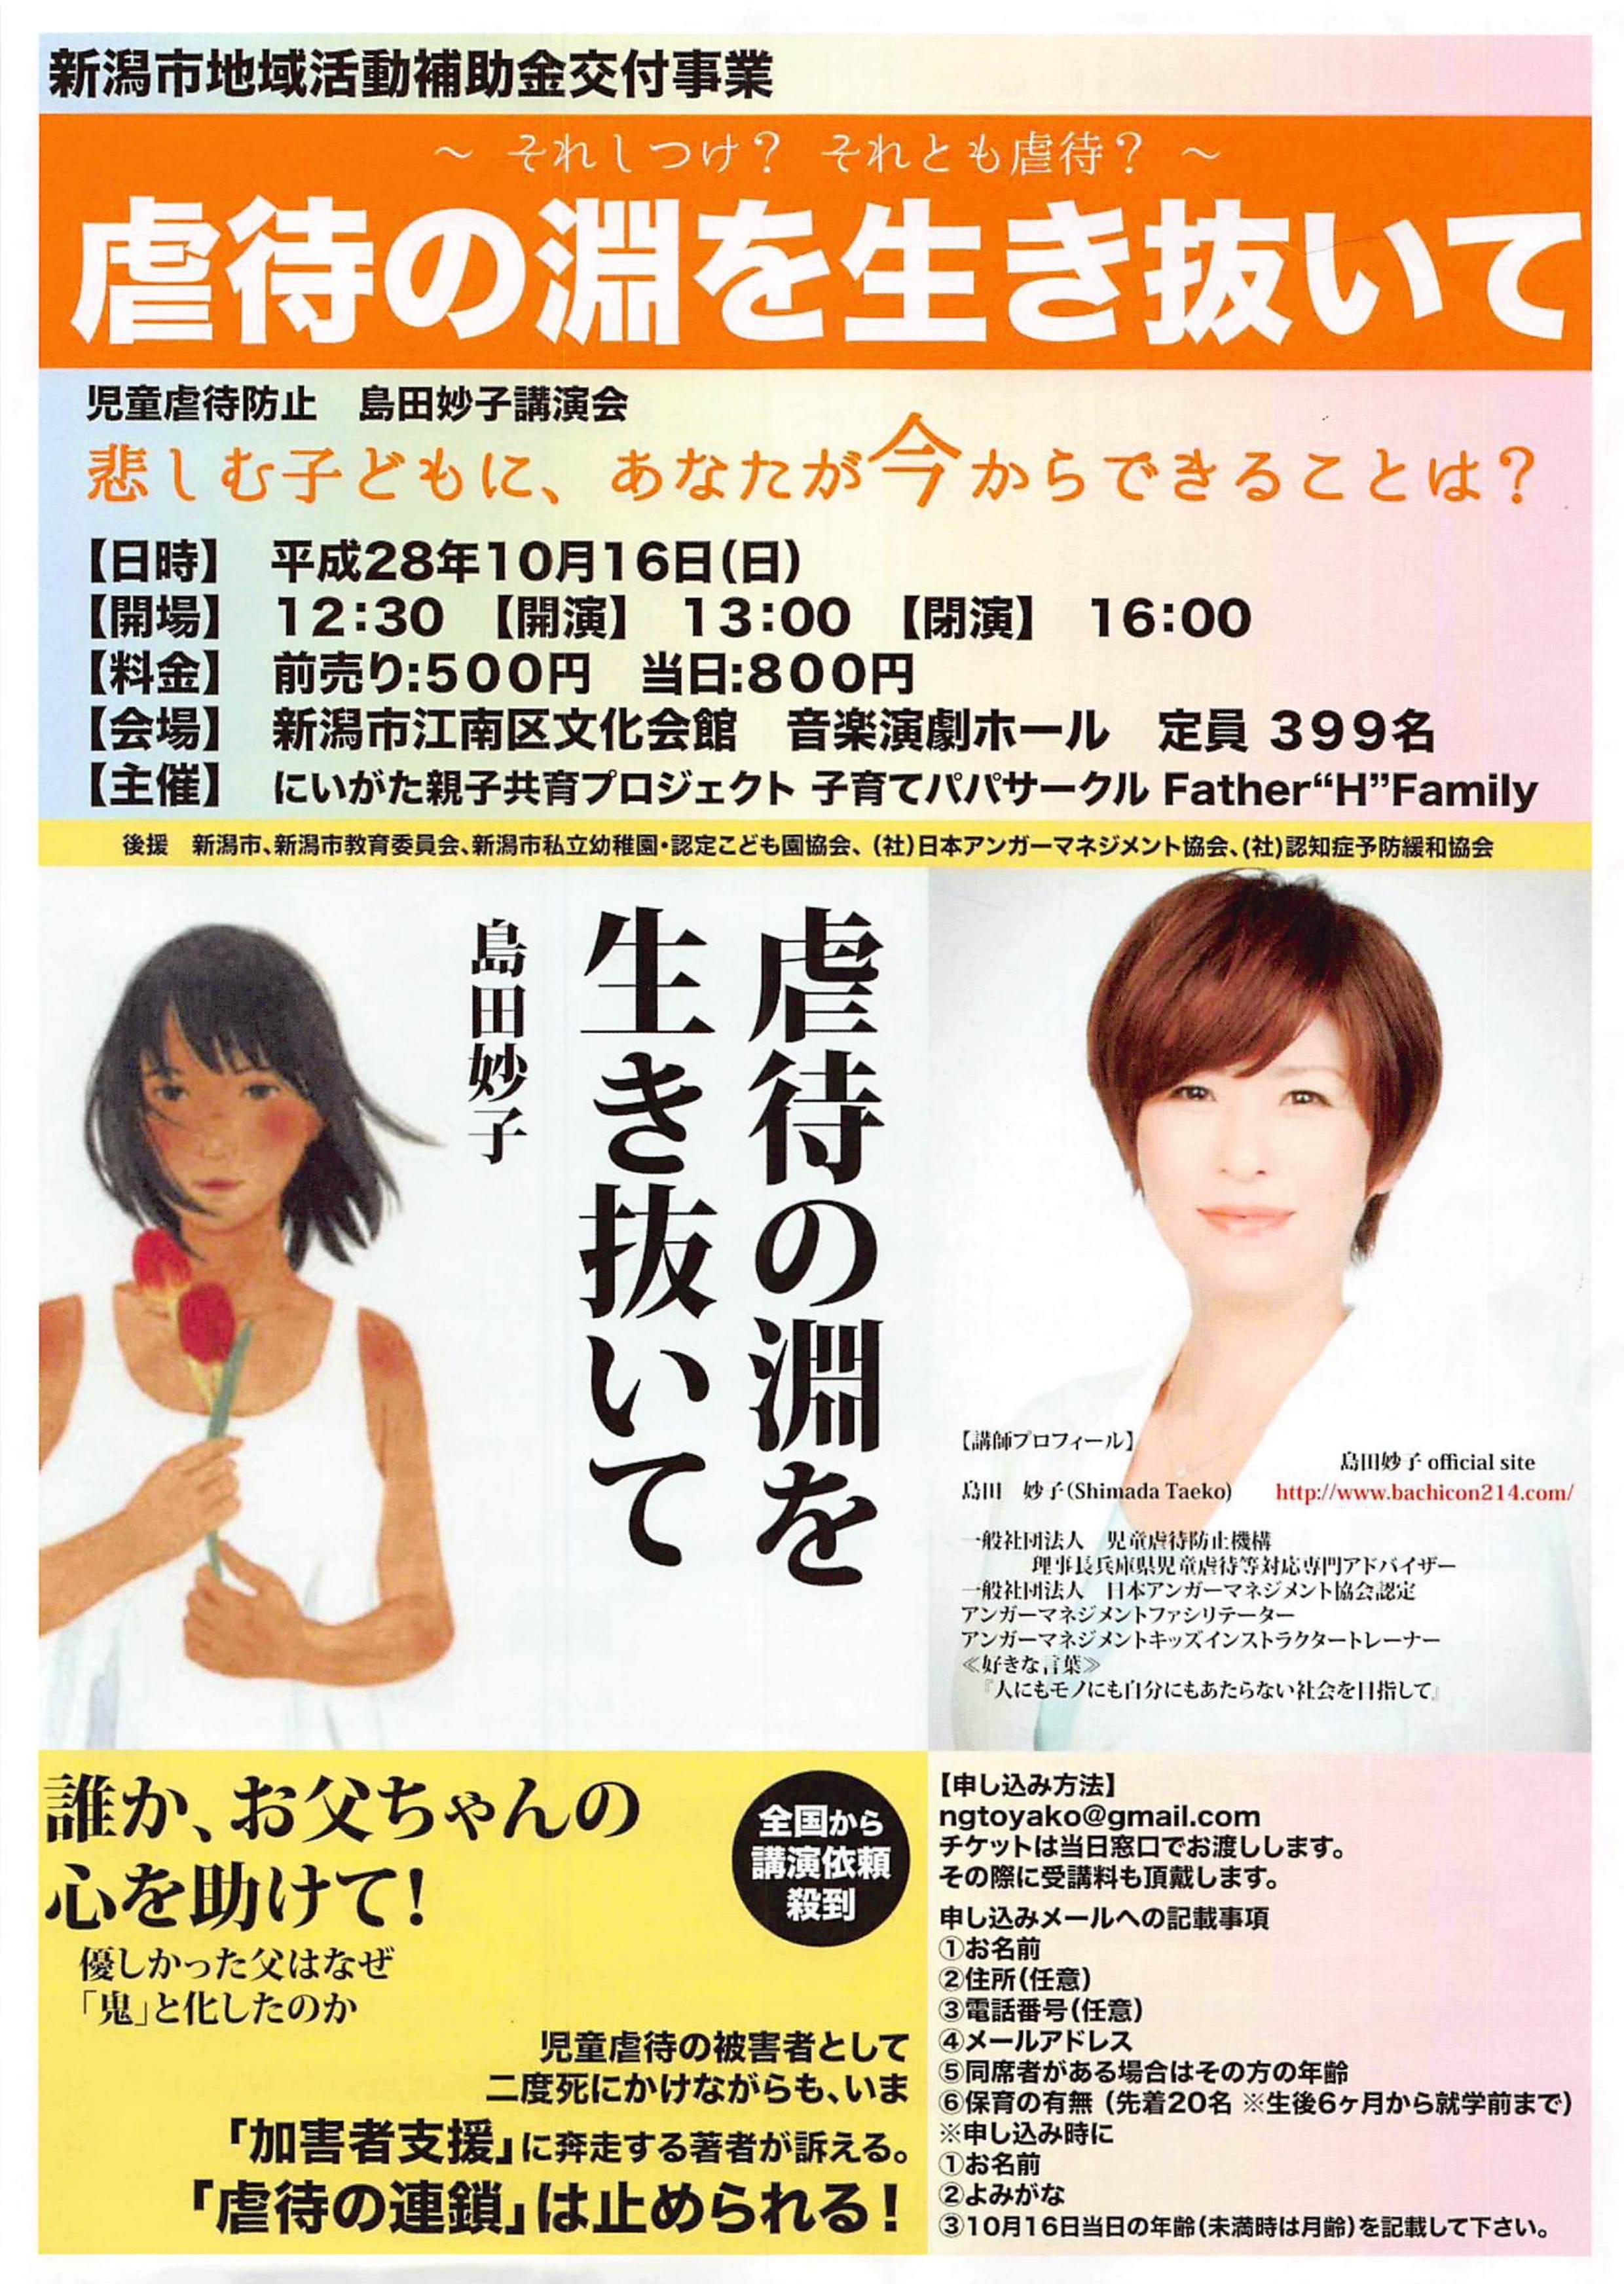 児童虐待。まずは知ることから。『虐待の淵を生き抜いて 島田妙子講演会』に参加します。